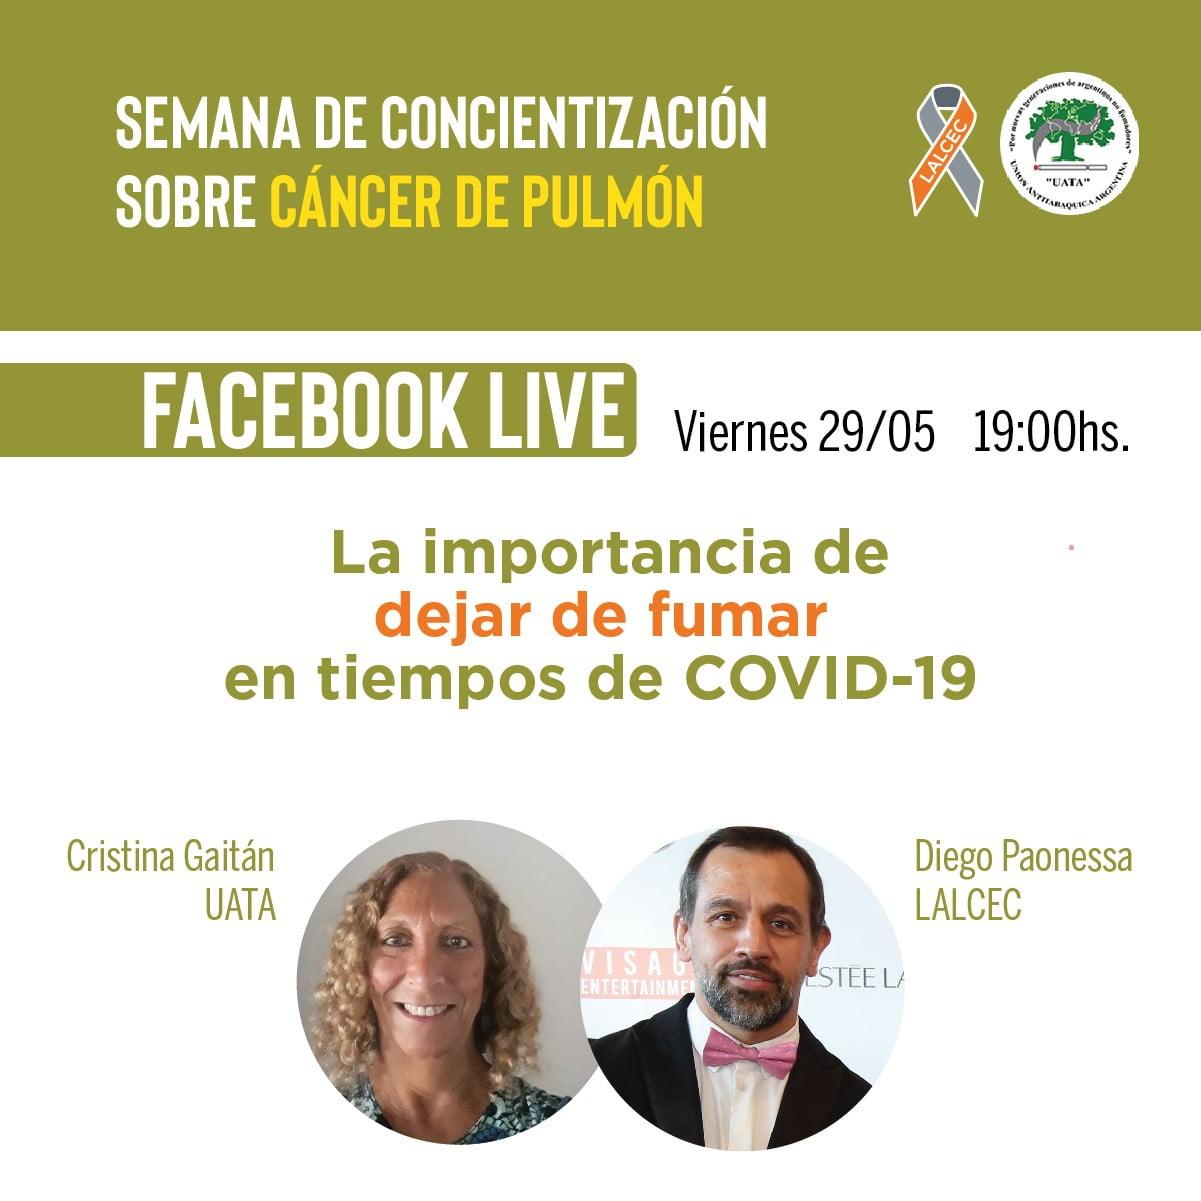 Semana de concientización sobre cáncer de pulmón